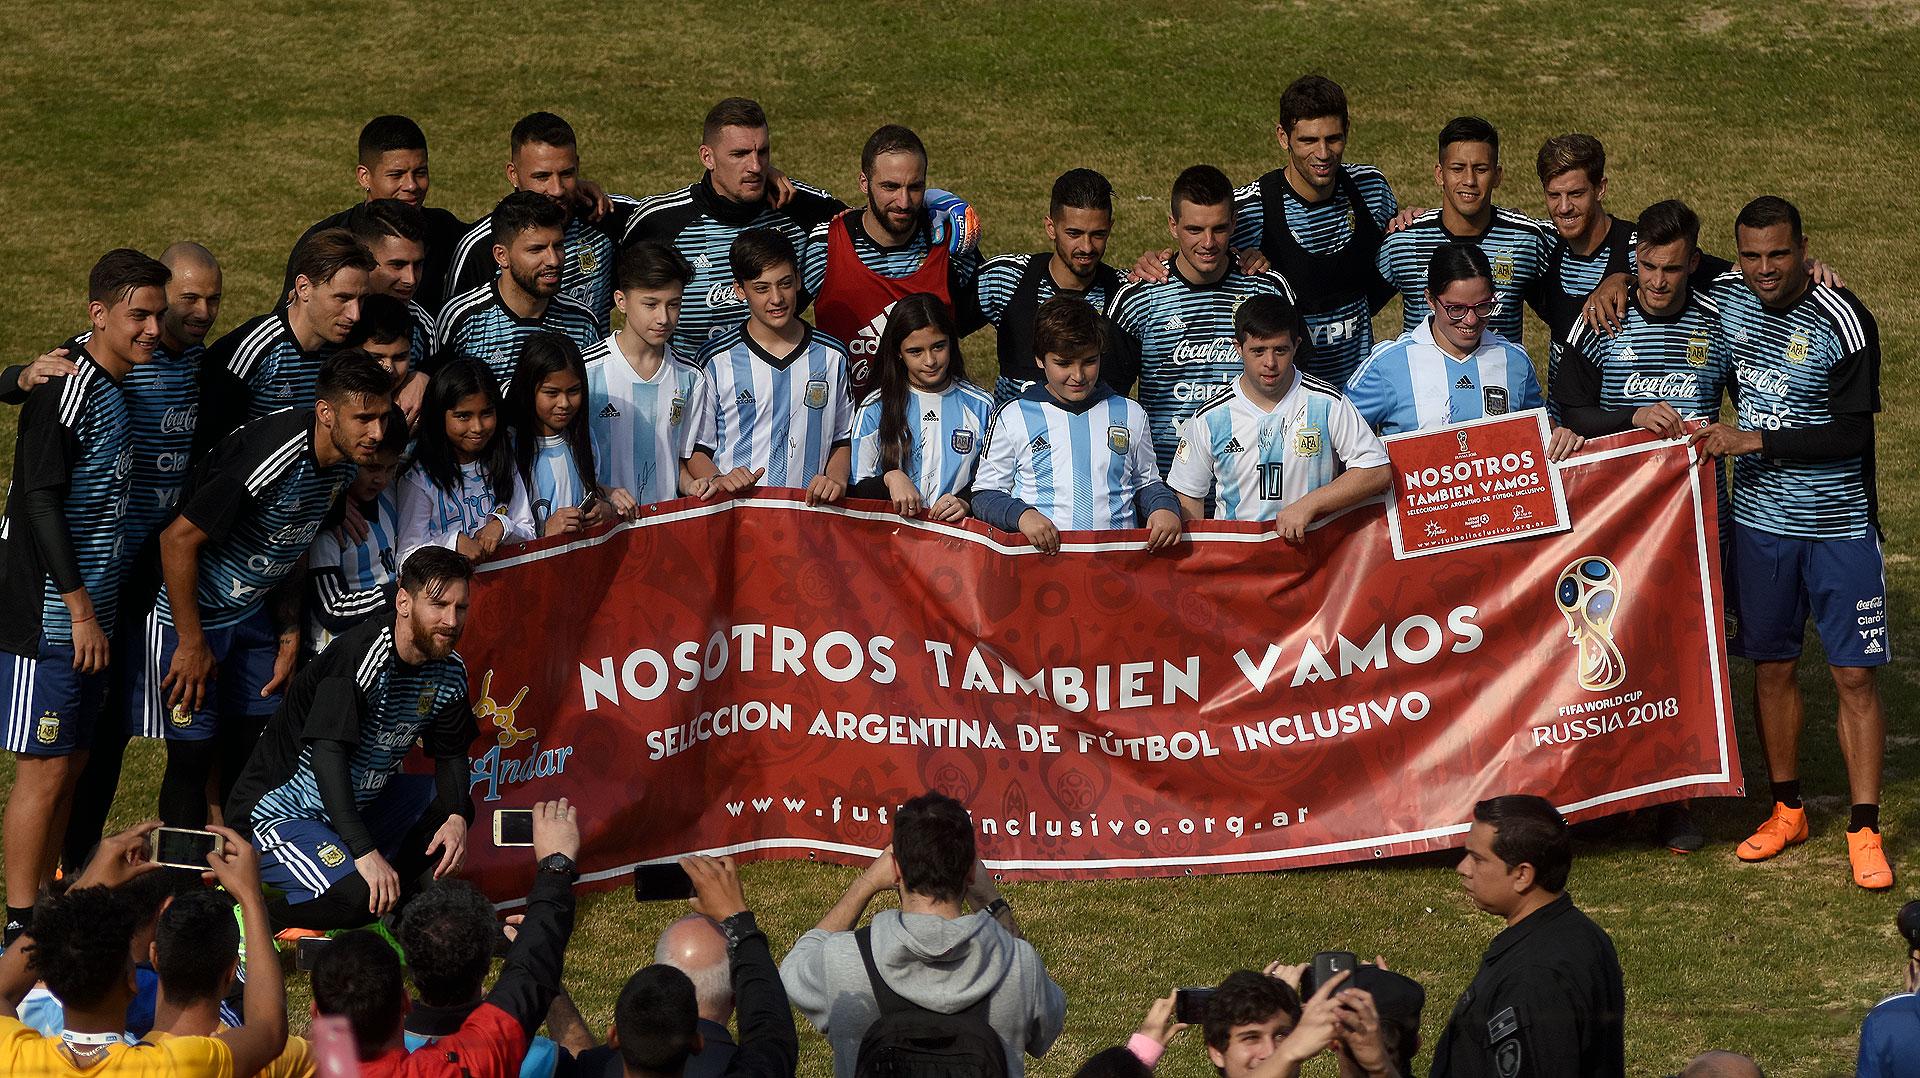 Los jugadores posaron con integrantes de la Selección Argentina de Fútbol Inclusivo